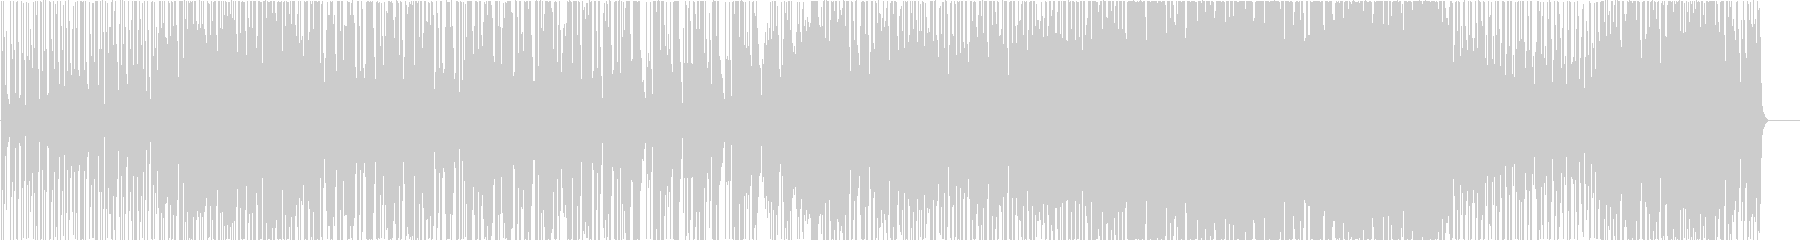 パワフルなエレクトロファンクビートの未再生の波形